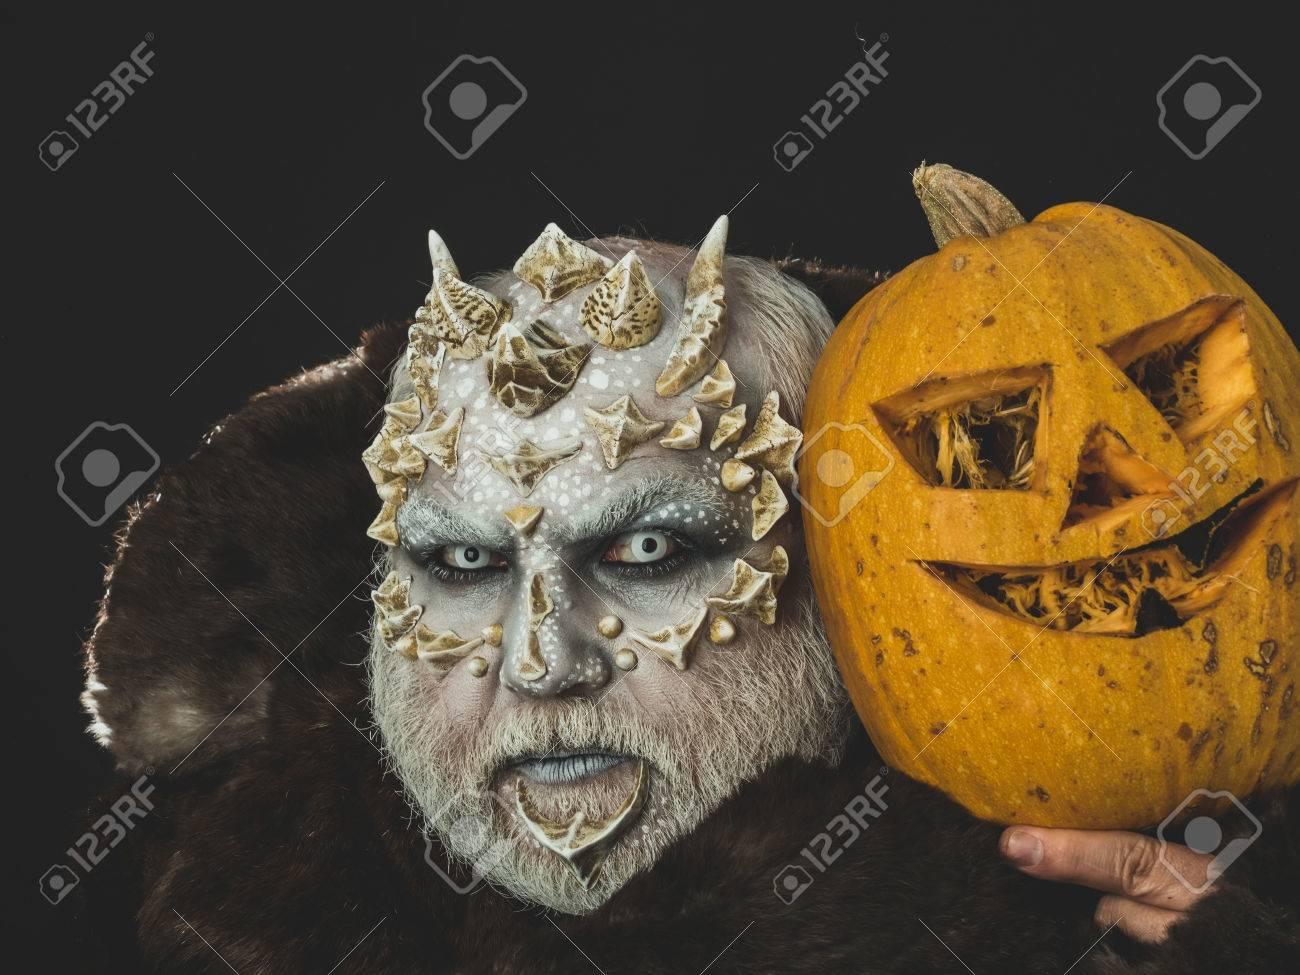 Dämon Im Pelzmantel Auf Schwarzem Hintergrund Mann Mit Orange